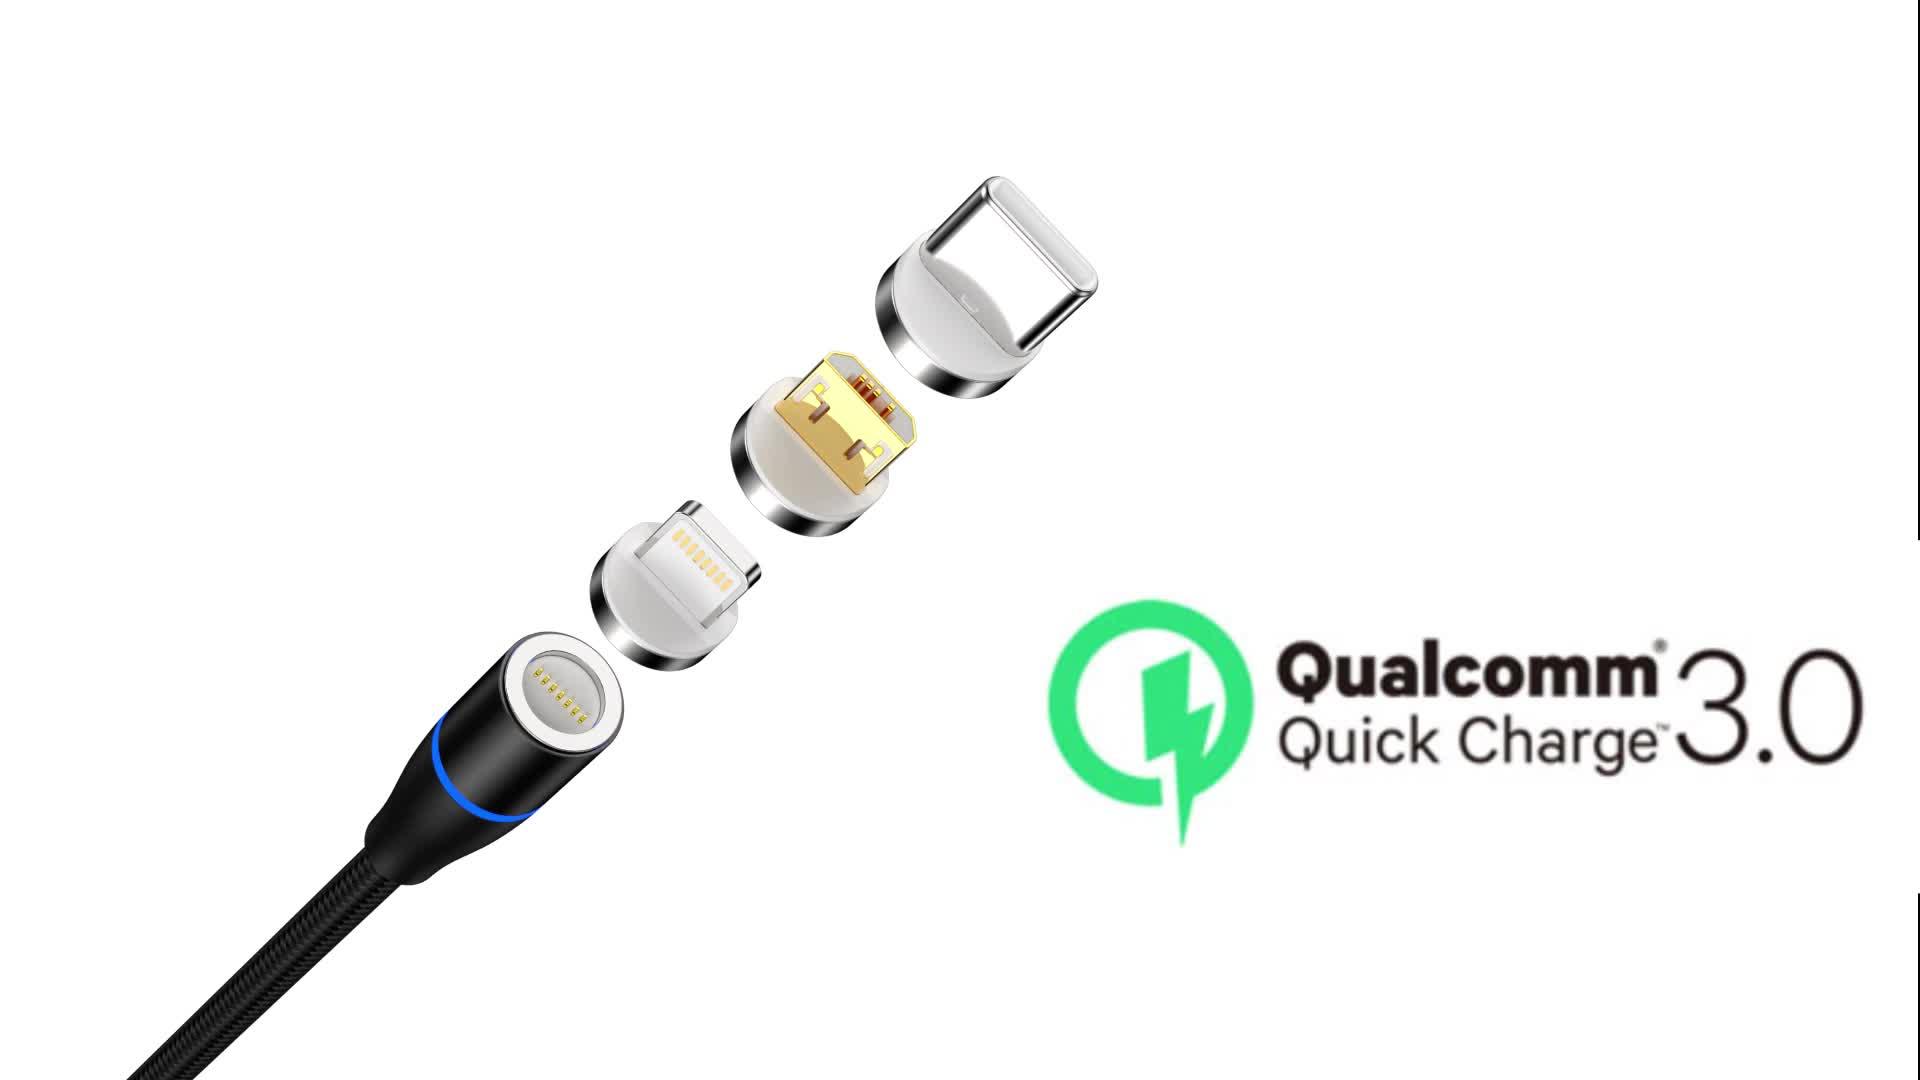 Fábrica 3 en 1 imán trenzado Cable cargador de teléfono móvil 1 M 360 LED redondo de carga magnética USB Cable de datos